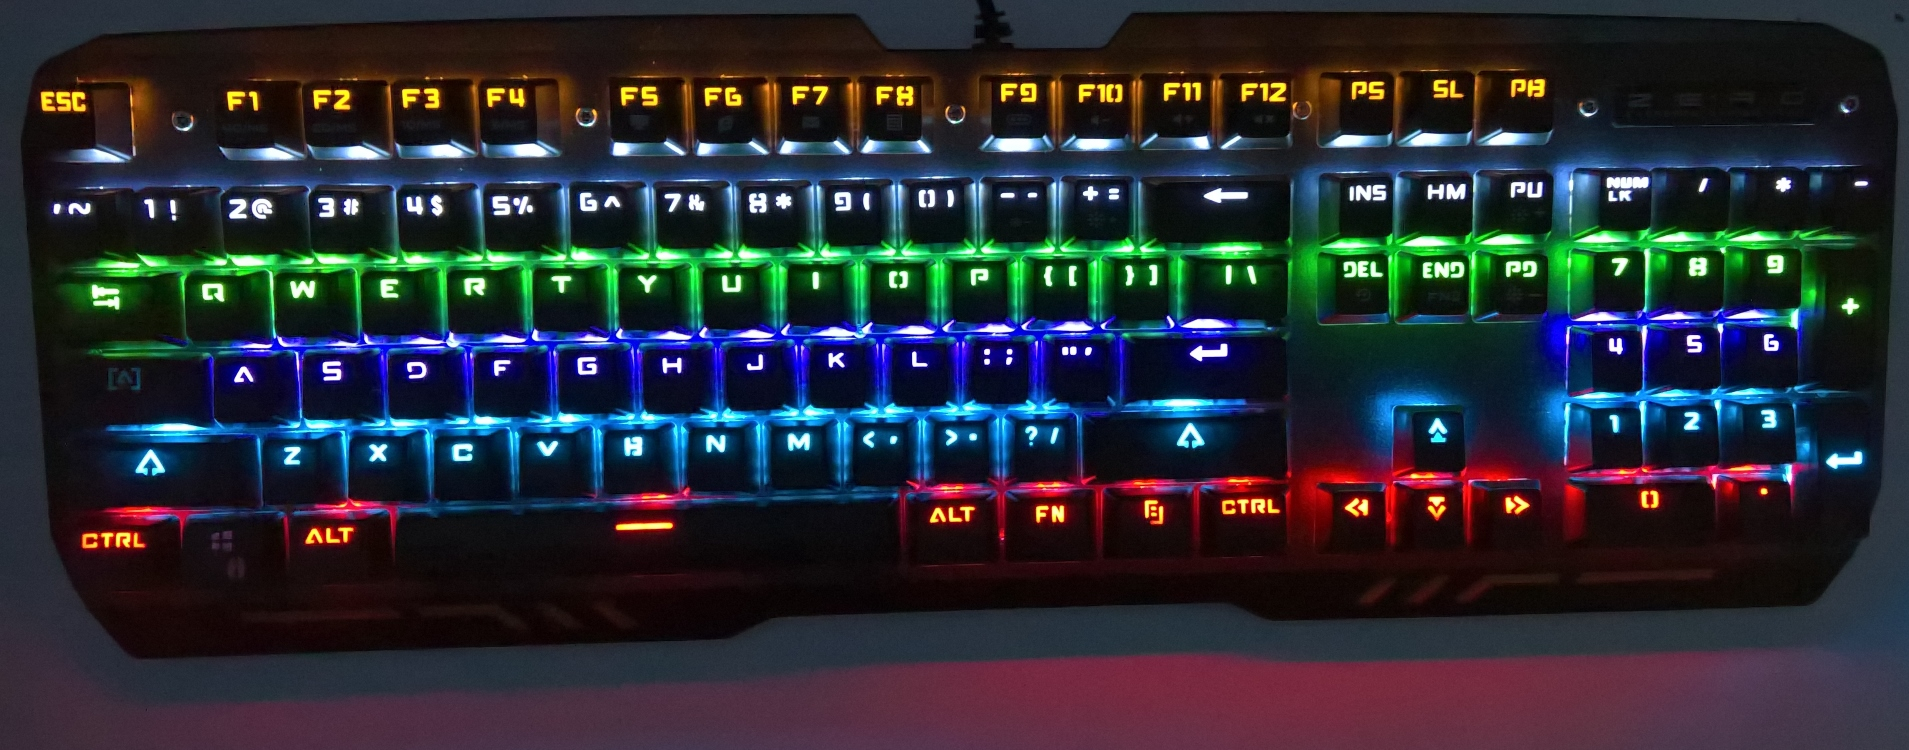 Die beinah perfekte Tastatur [Gaming Tastatur von Echtpower (2,5 von 5) im Produkttest